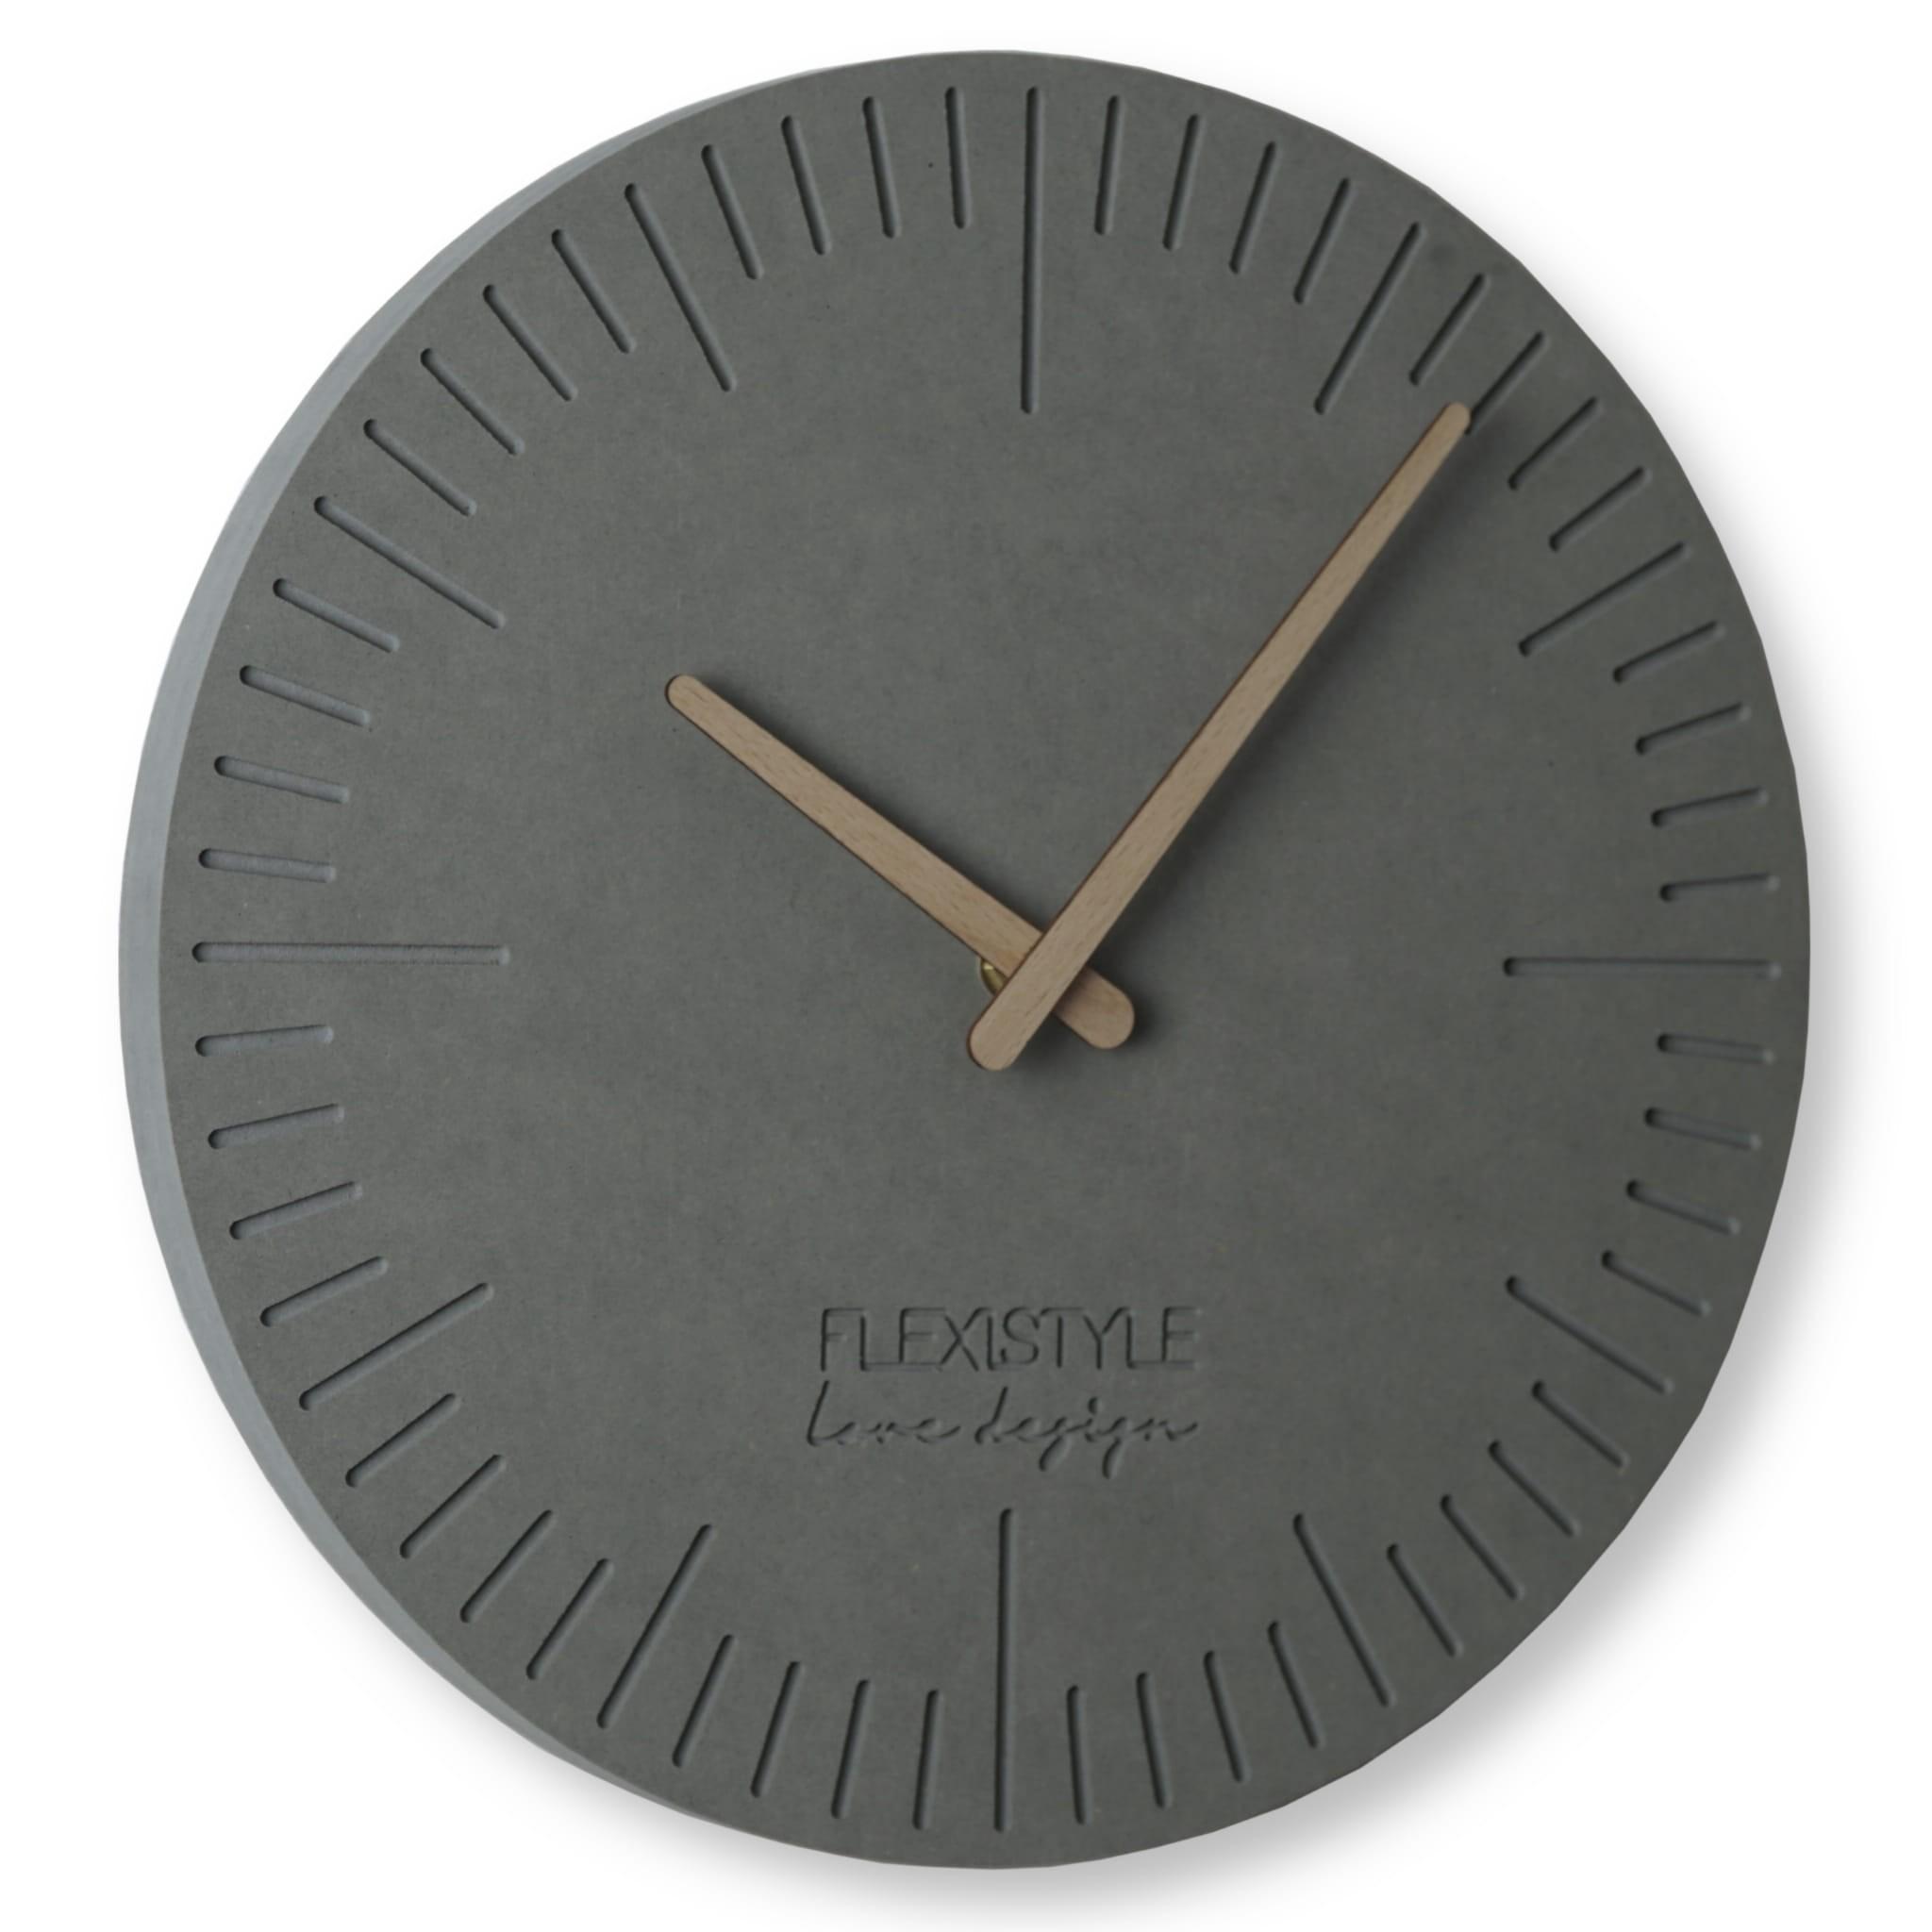 Moderní hodiny ze dřeva ve světle šedé barvě